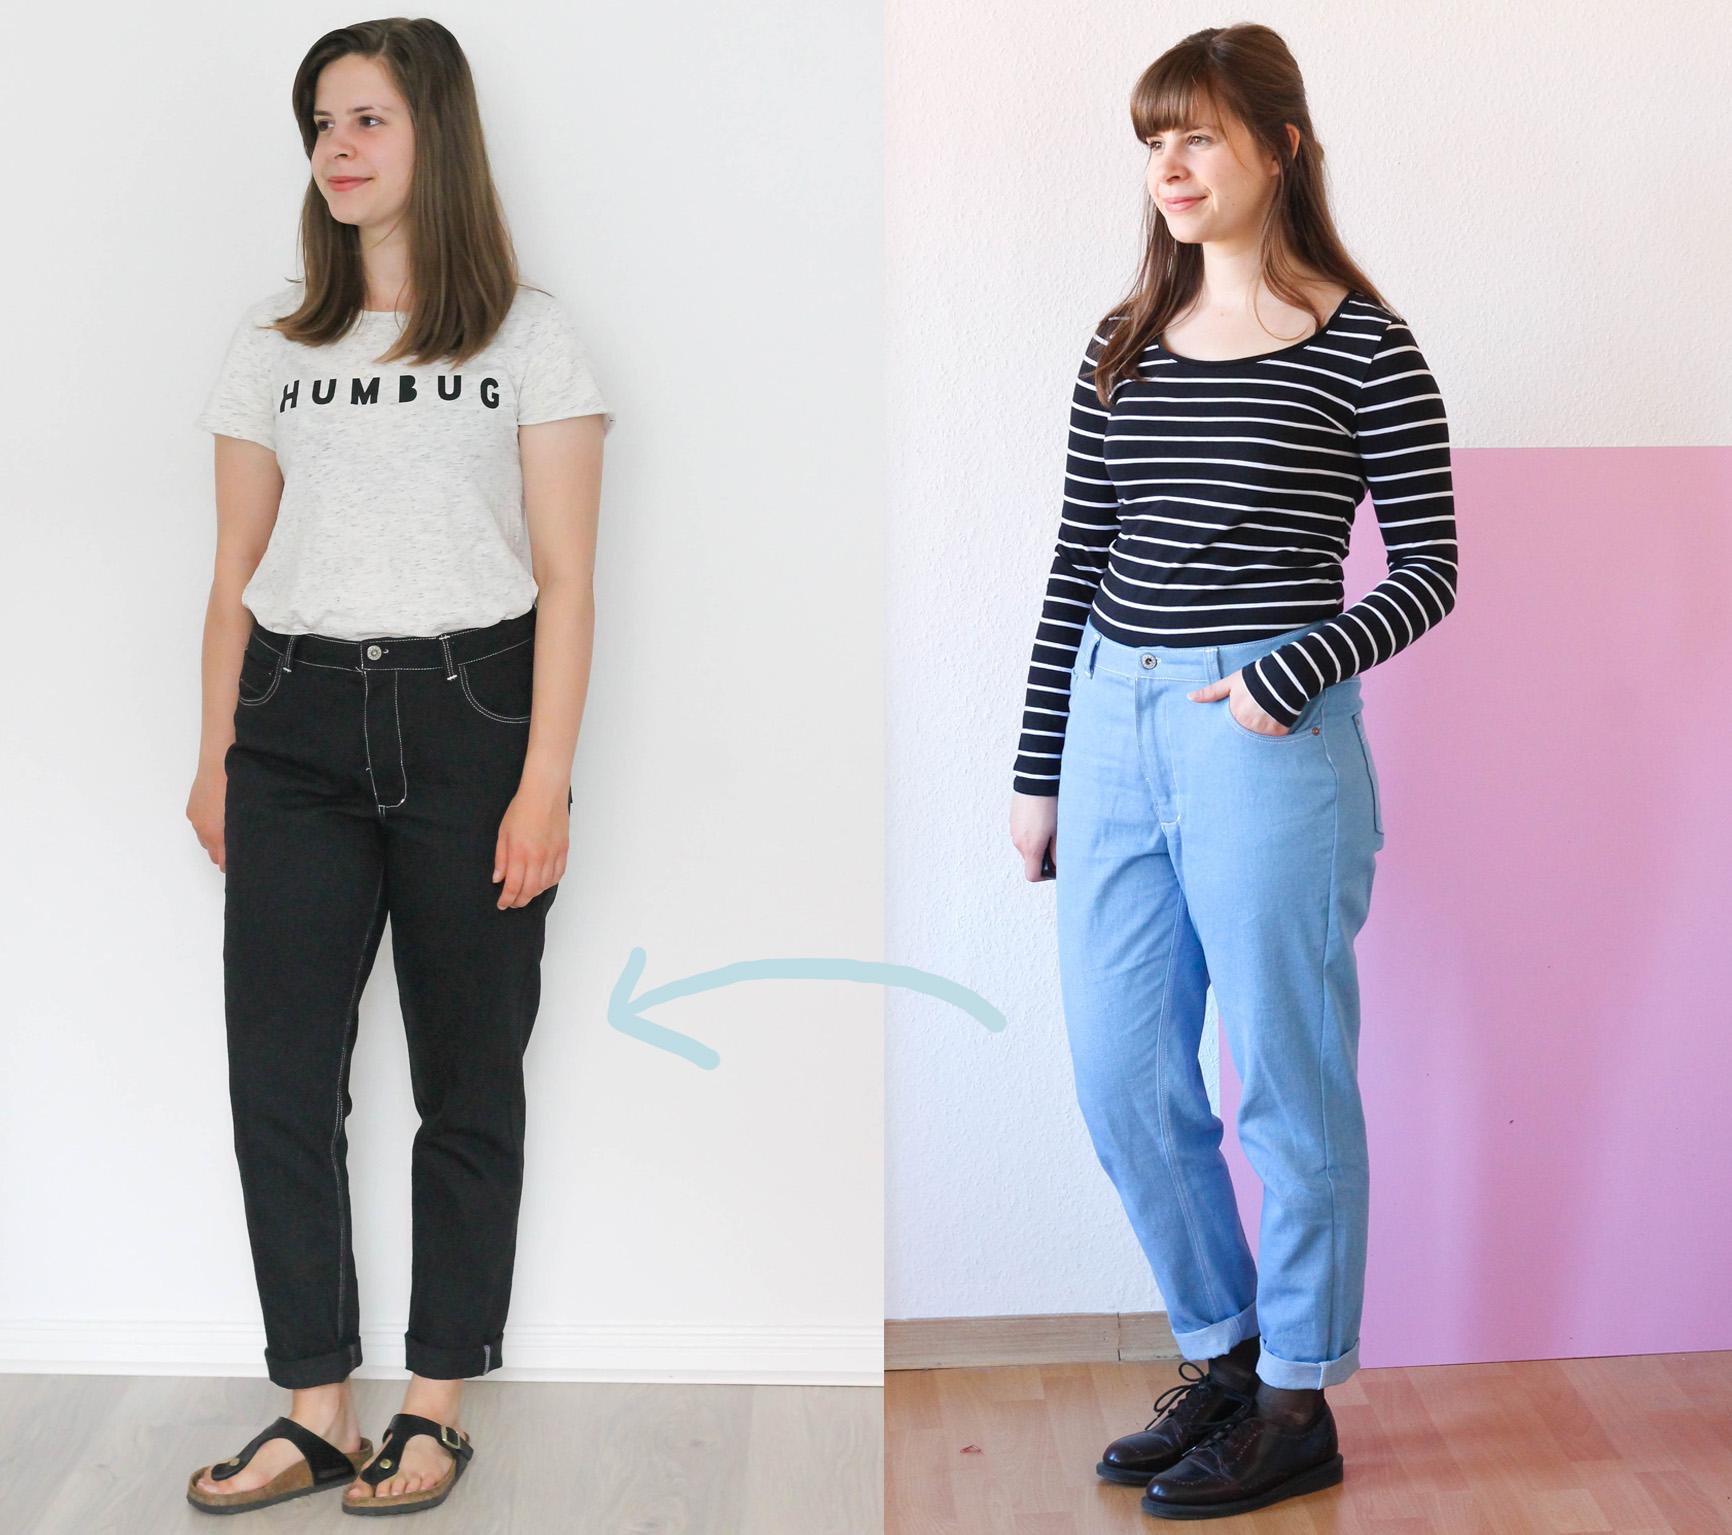 Färben Oder Man Hose Rettet Ungeliebte Kleidung Wie • AL3q54jR